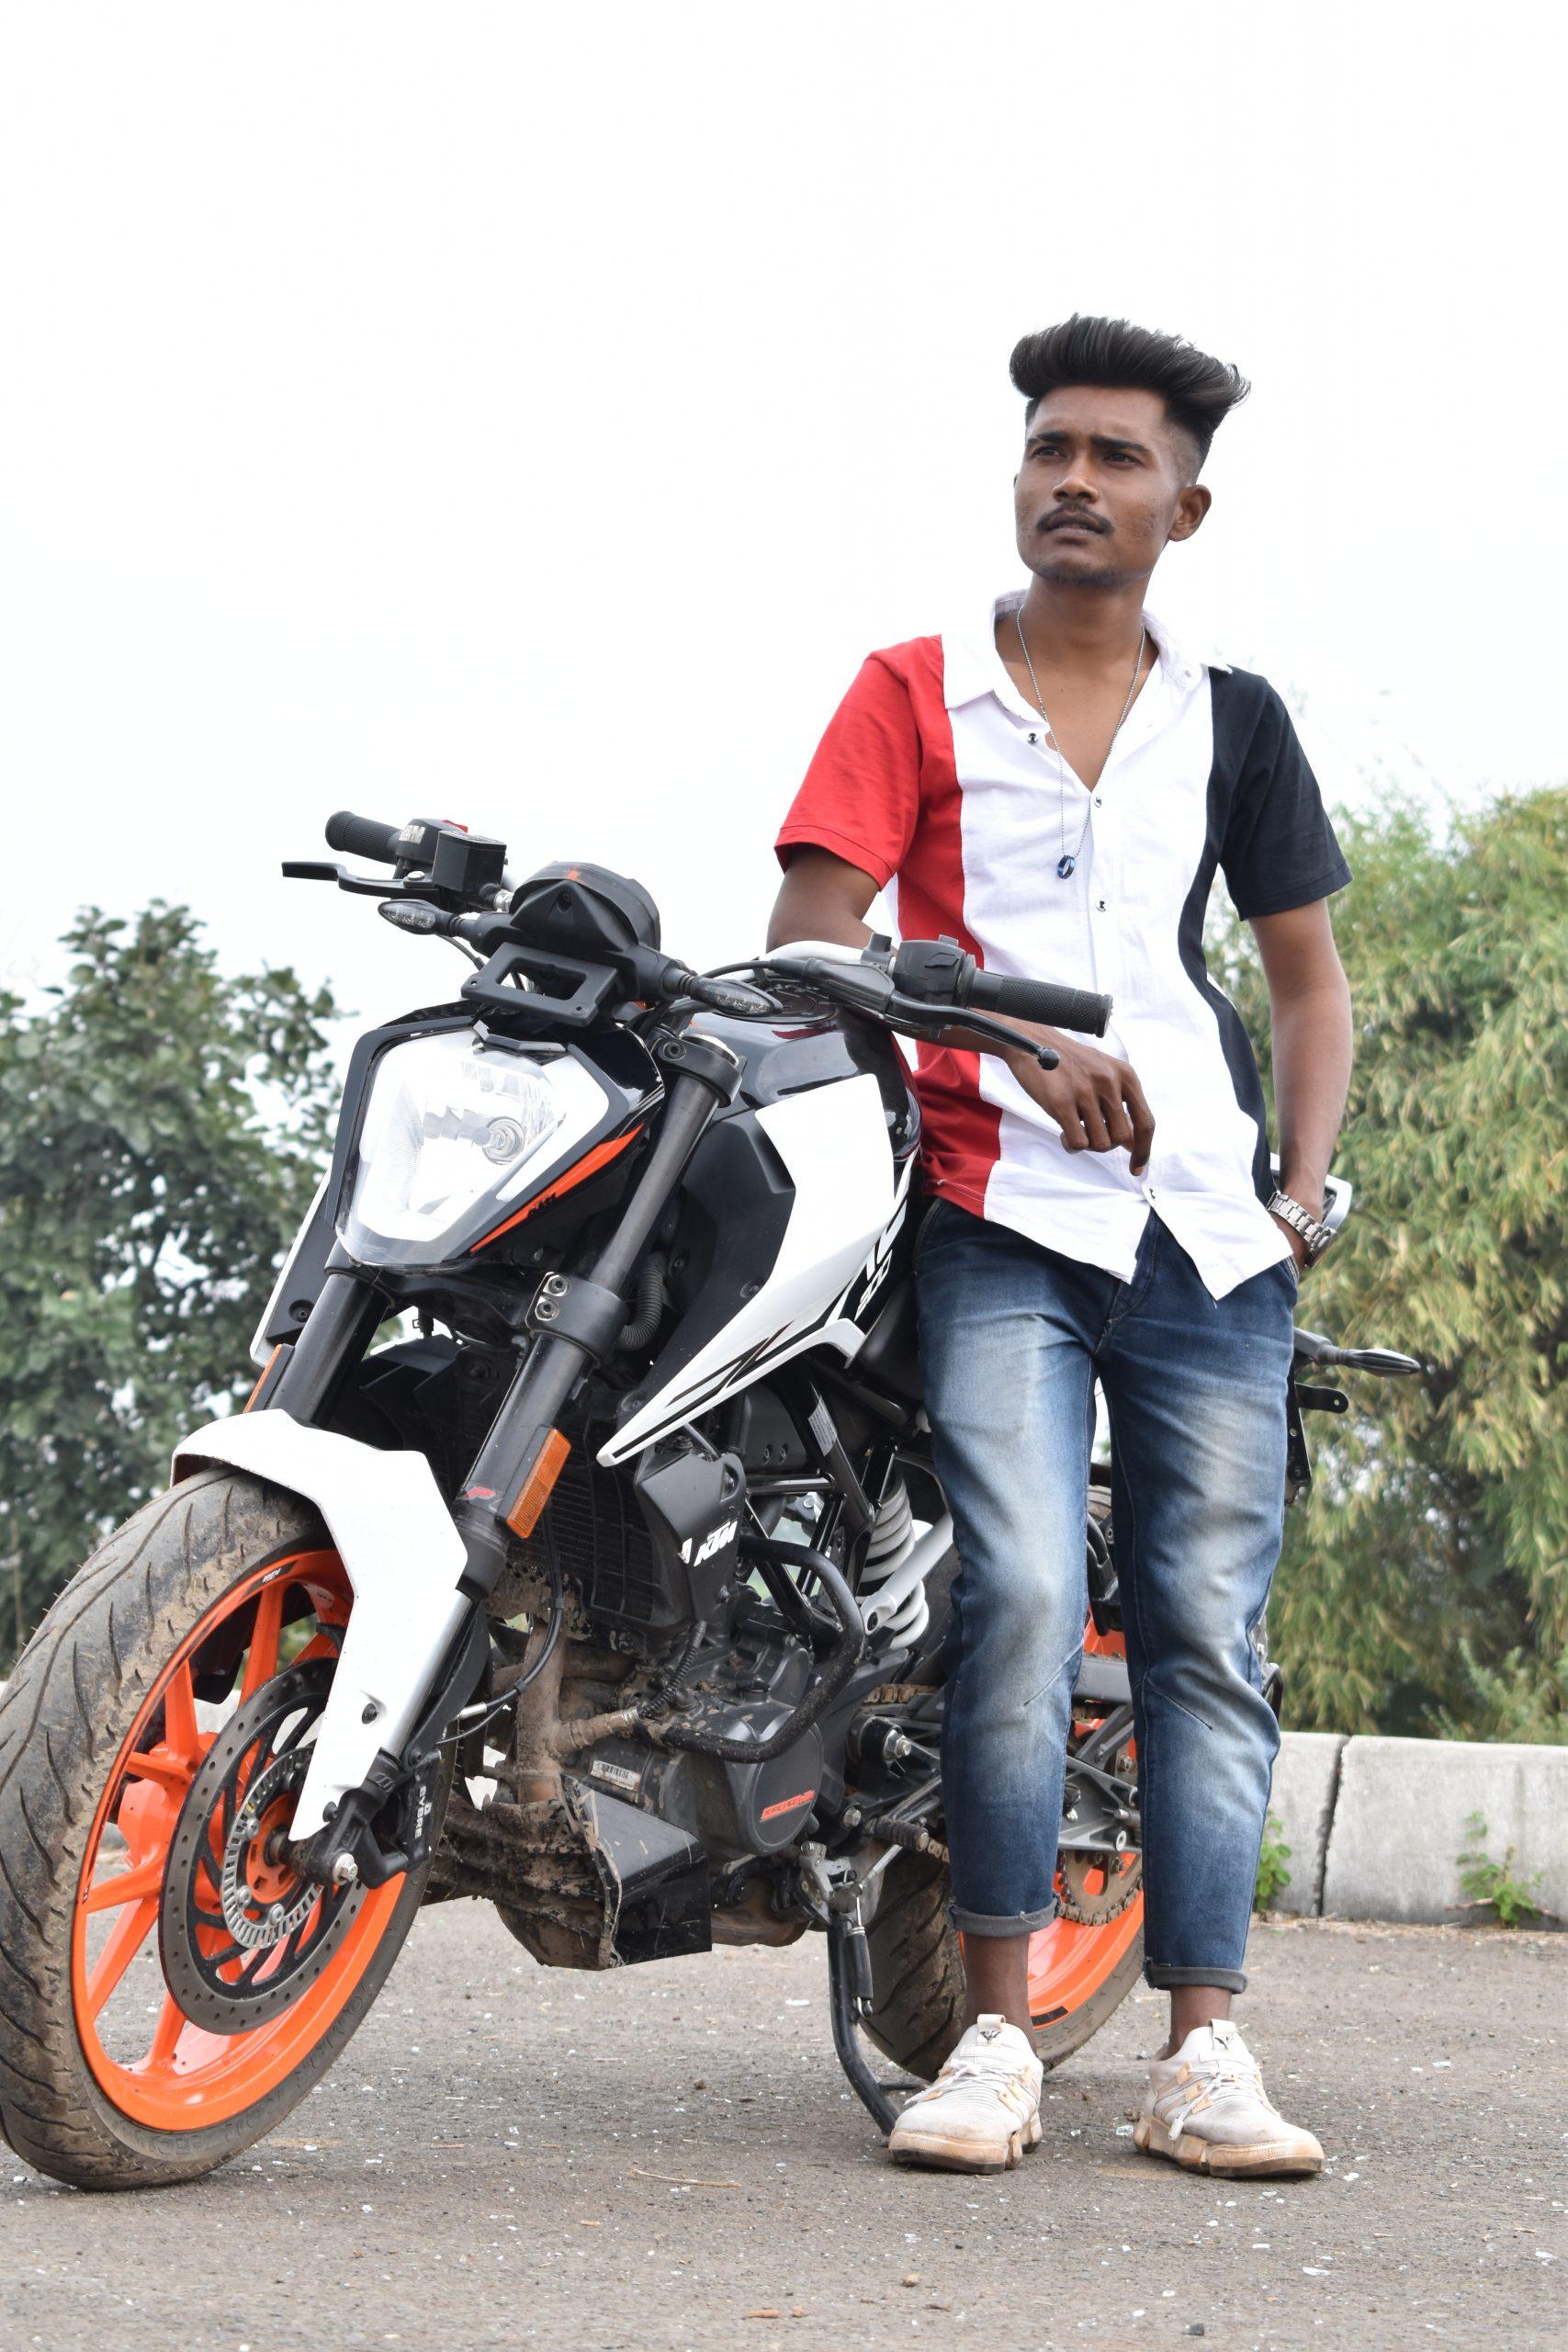 Model posing on Duke bike